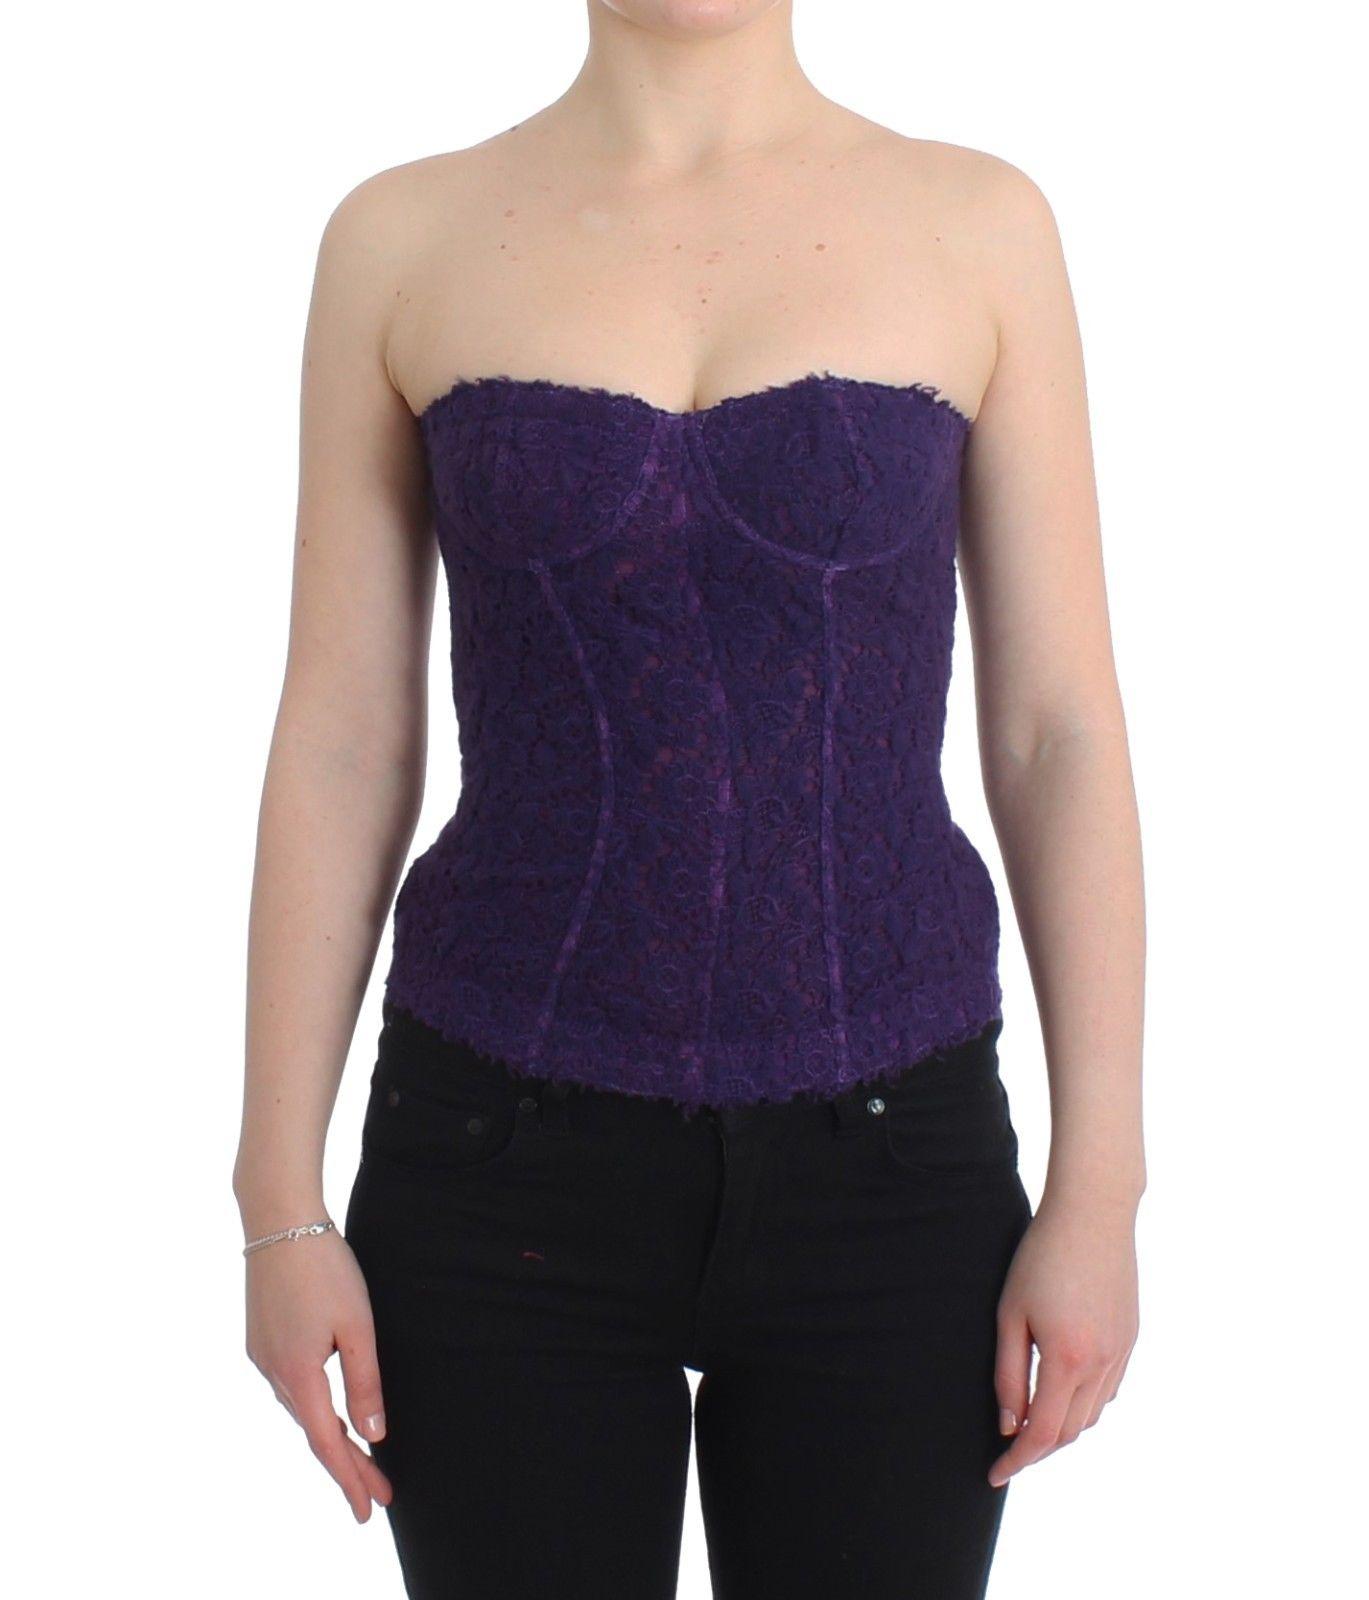 Ermanno Scervino Women's Top Floral Lace Purple SIG11499 - IT2 | S